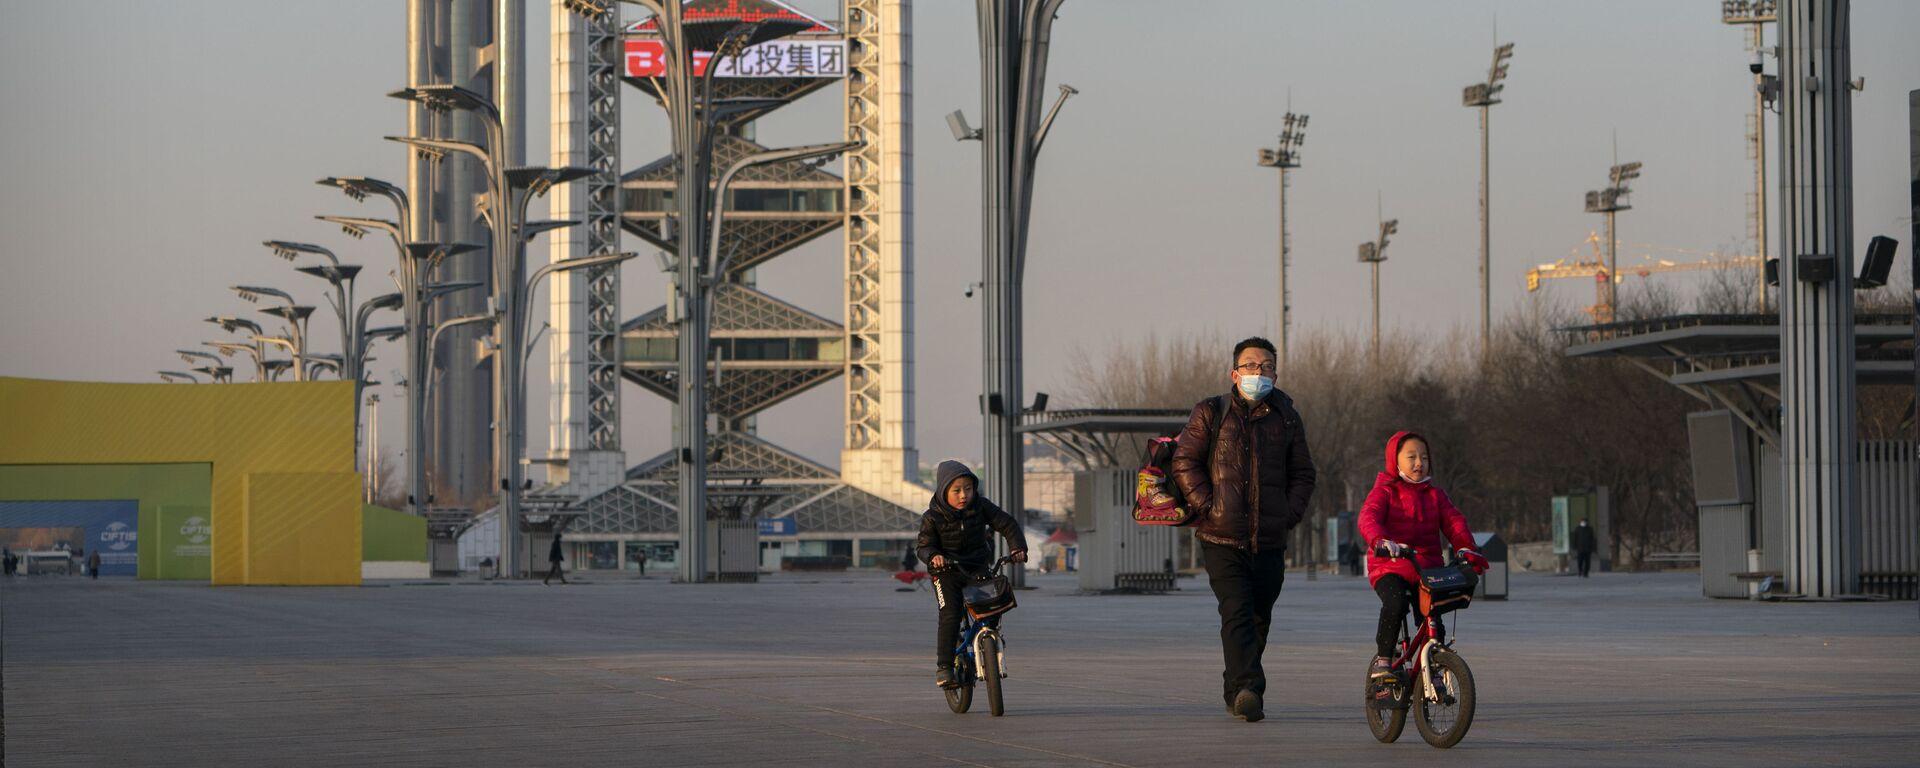 Đếm ngược thời gian đến khi bắt đầu Thế vận hội 2022 tại Bắc Kinh. - Sputnik Việt Nam, 1920, 08.04.2021